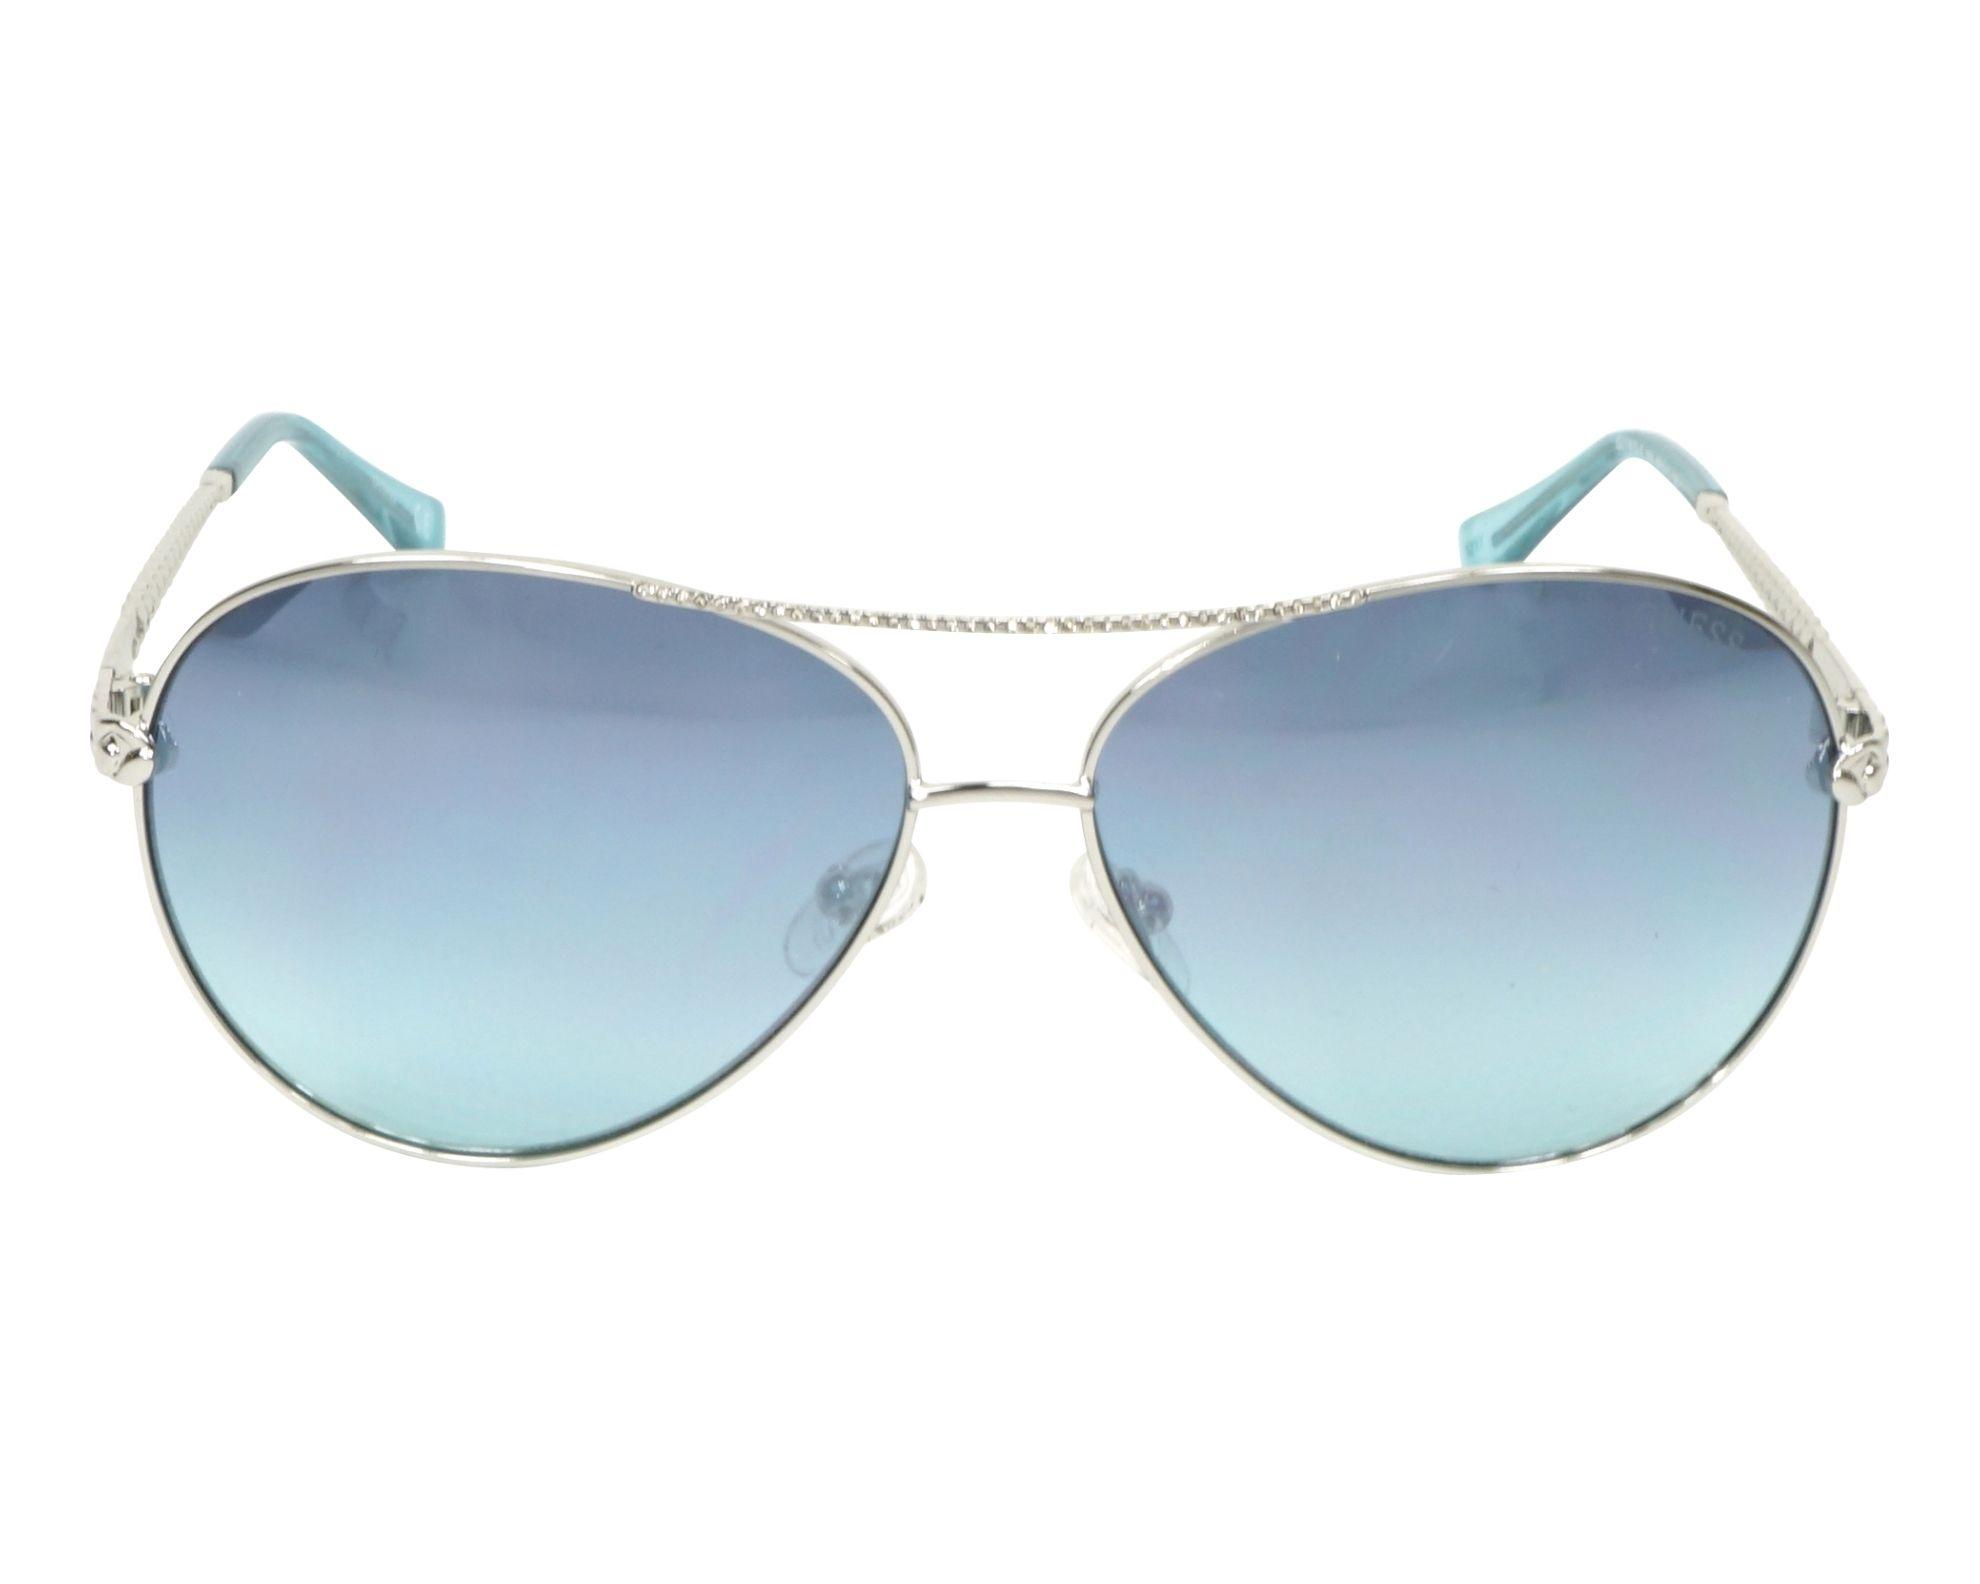 Sunglasses Guess GU-7470-S 10X 60-13 Silver front view e735736fa077